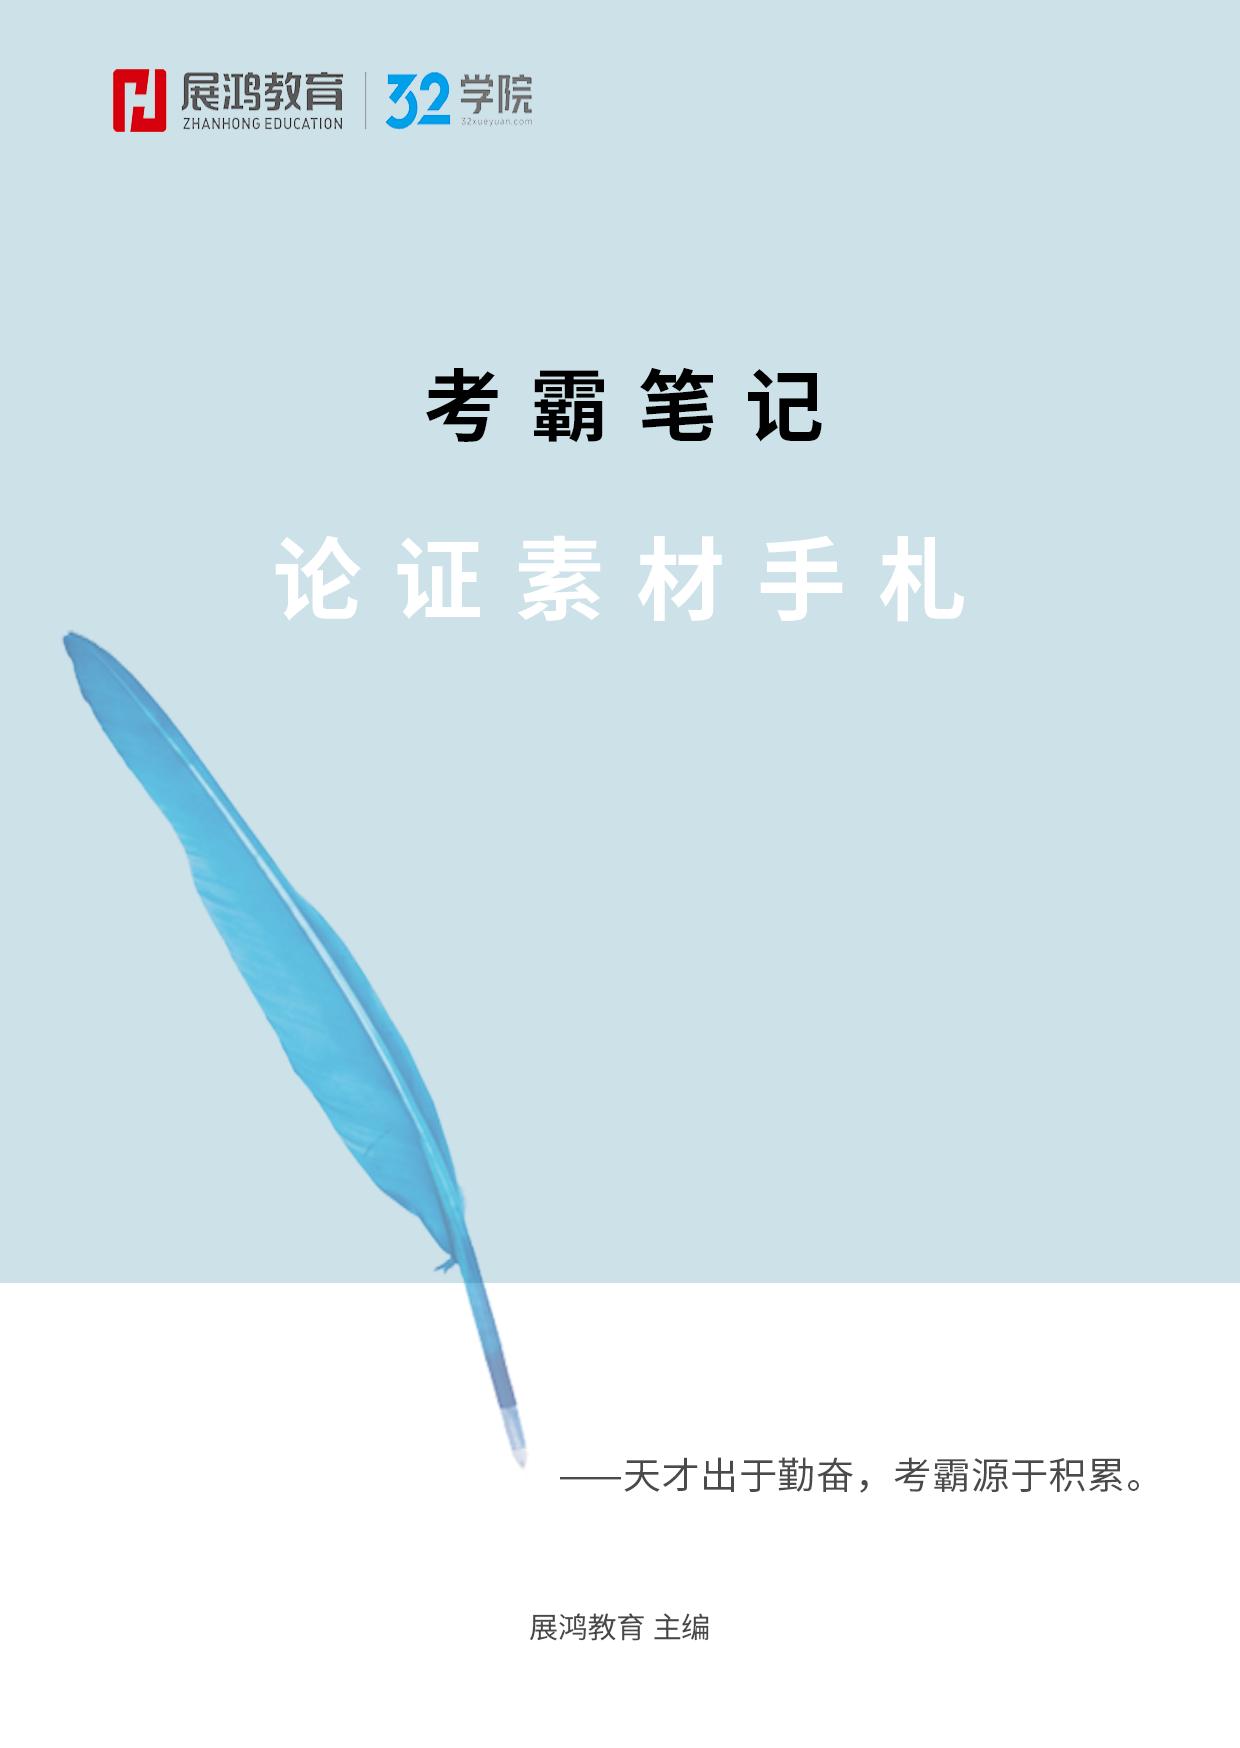 考霸笔记—论证素材手札